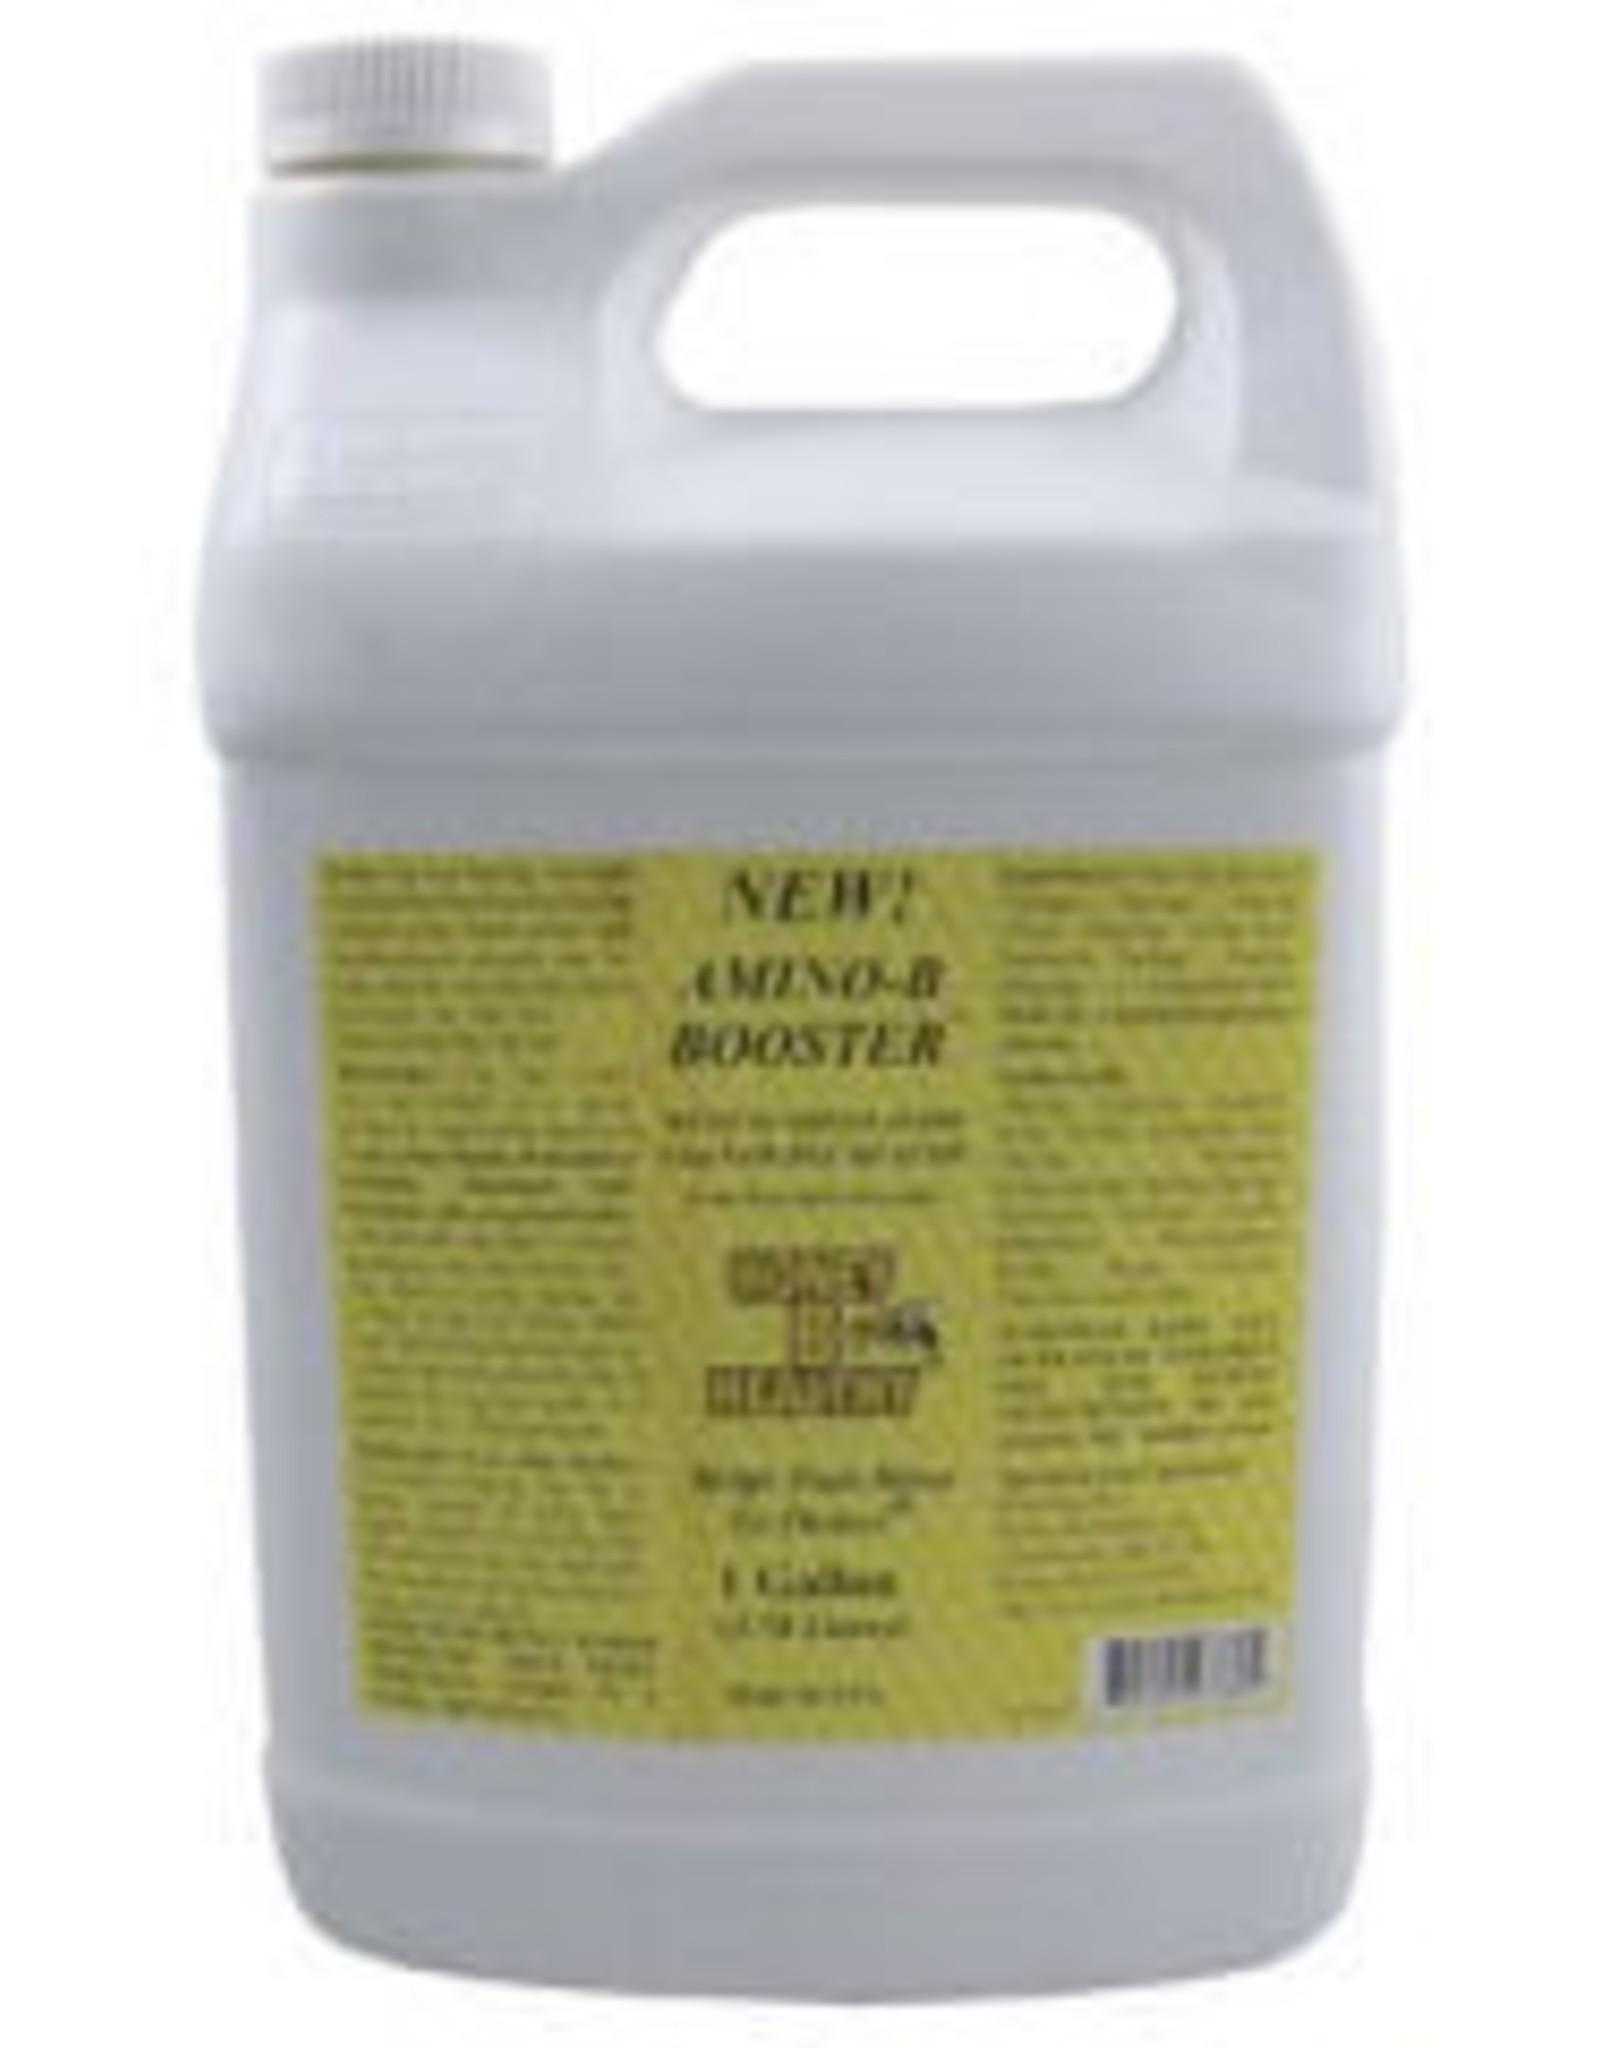 Amino-B Booster, 1 gallon